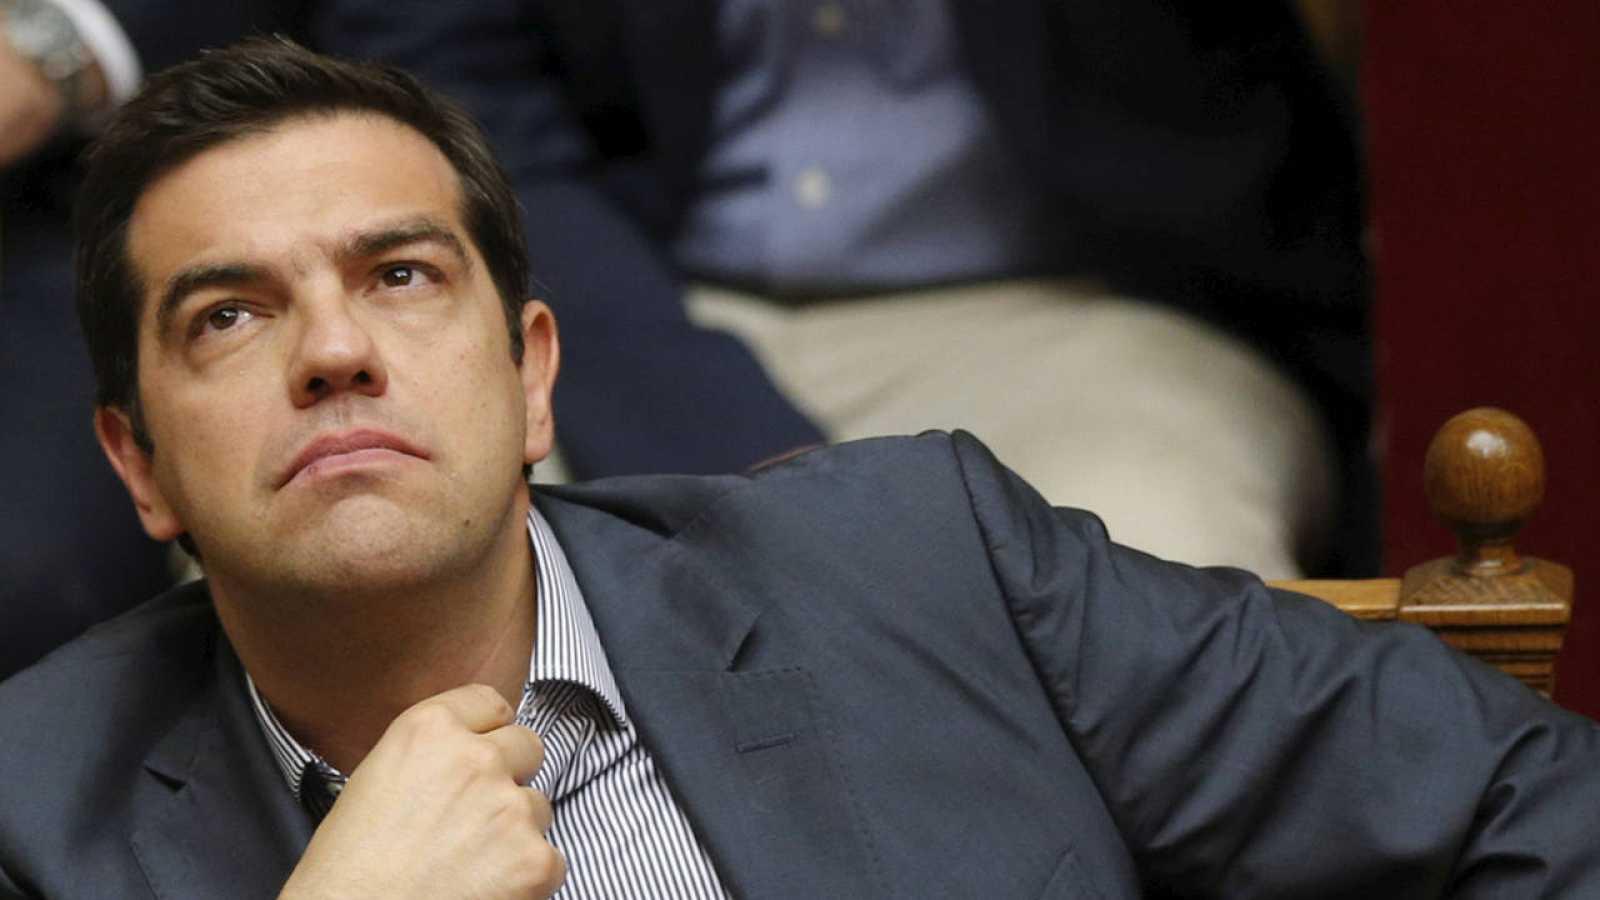 El primer ministro griego, Alexis Tsipras, durante el debate en el Parlamento sobre su plan de reformas.